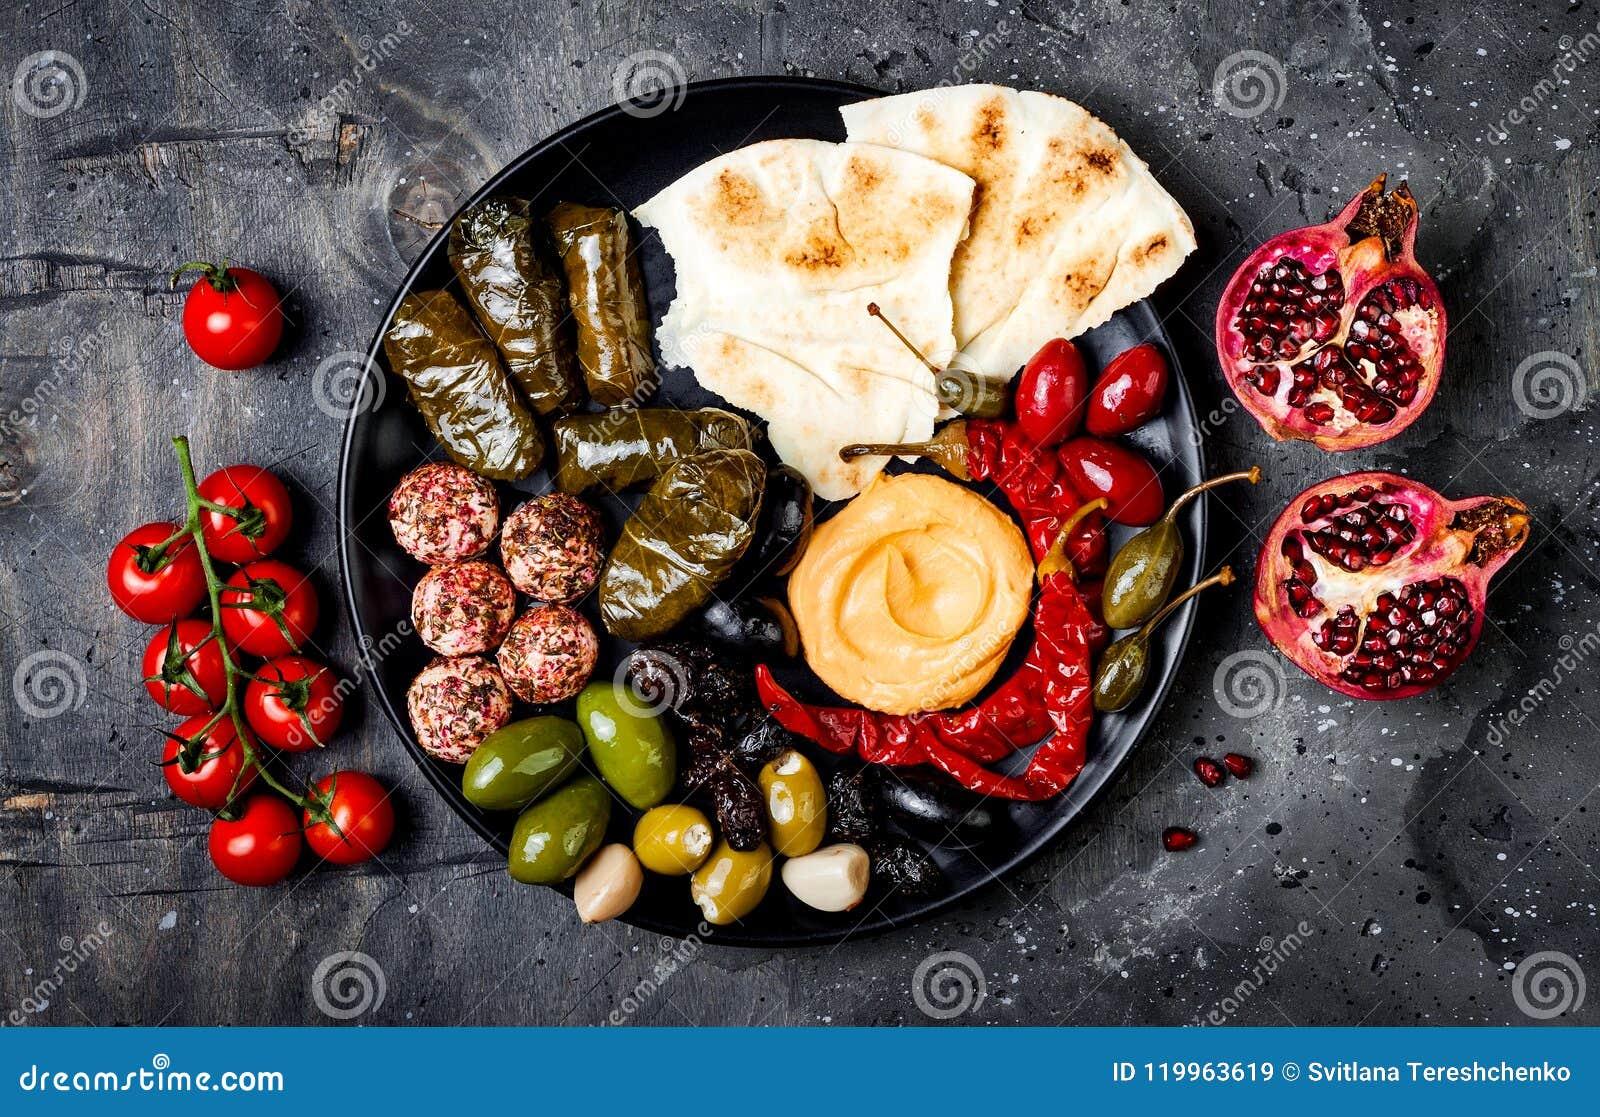 Arabische traditionele keuken De mezeschotel van het Middenoosten met pitabroodje, olijven, hummus, vulde dolma, labneh kaasballe